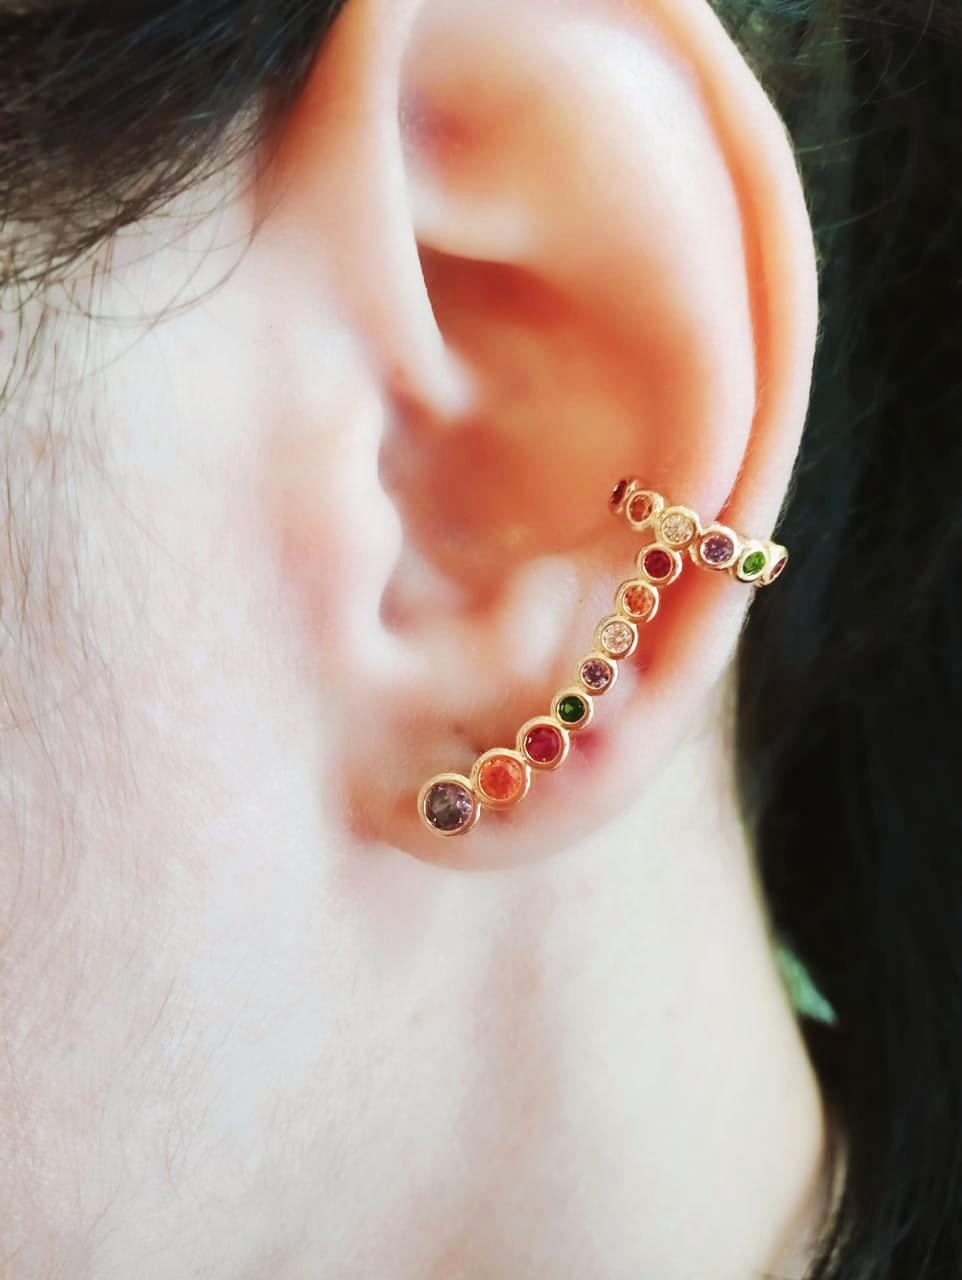 Brinco Ear Cuff com Pedras Coloridas Folheado a Ouro 18k